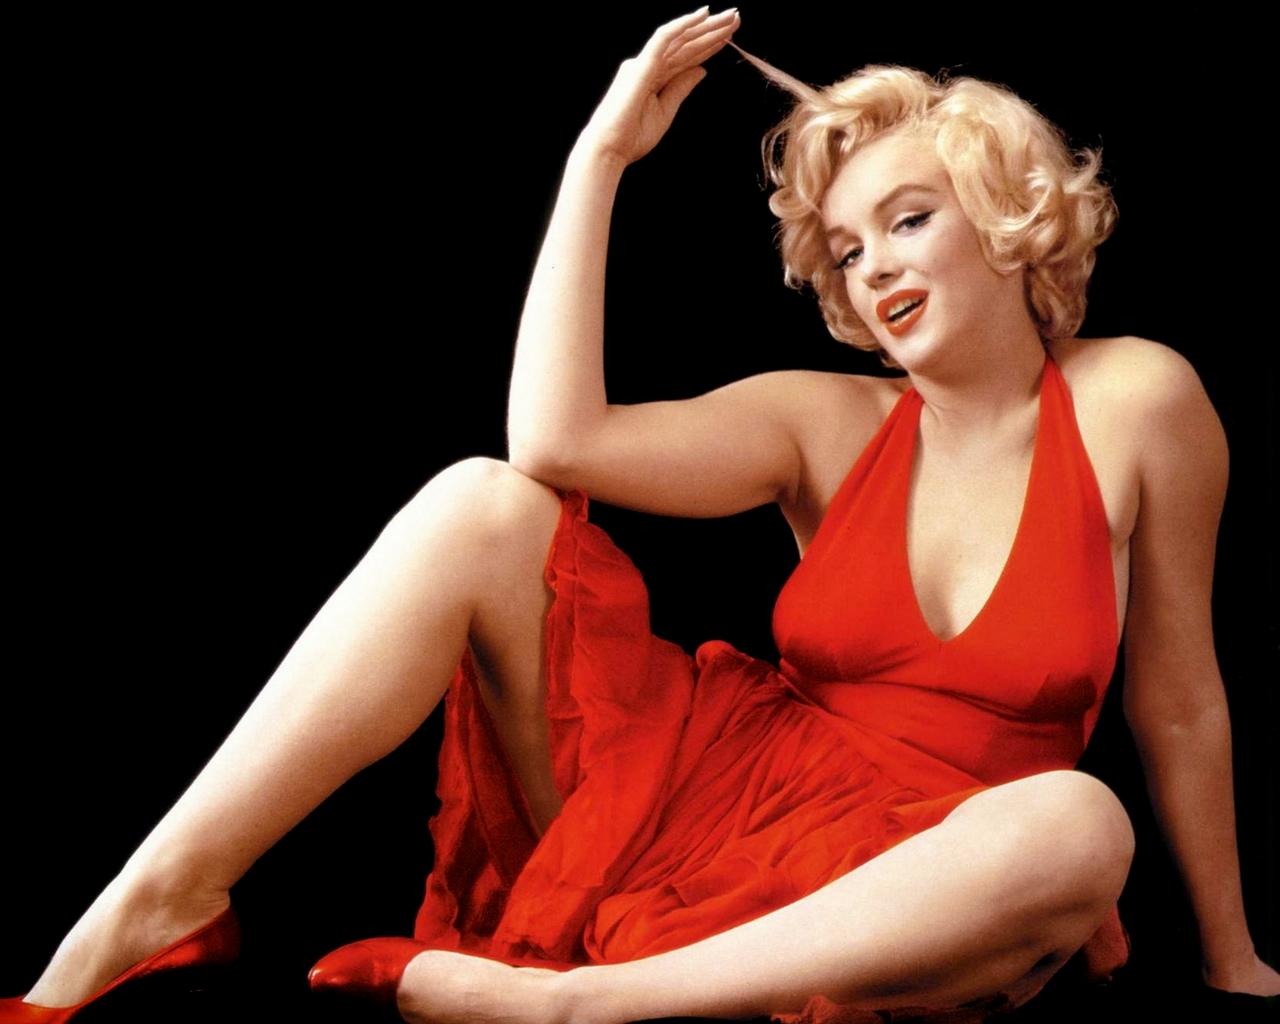 Marilyn Monroe en robe décolletée